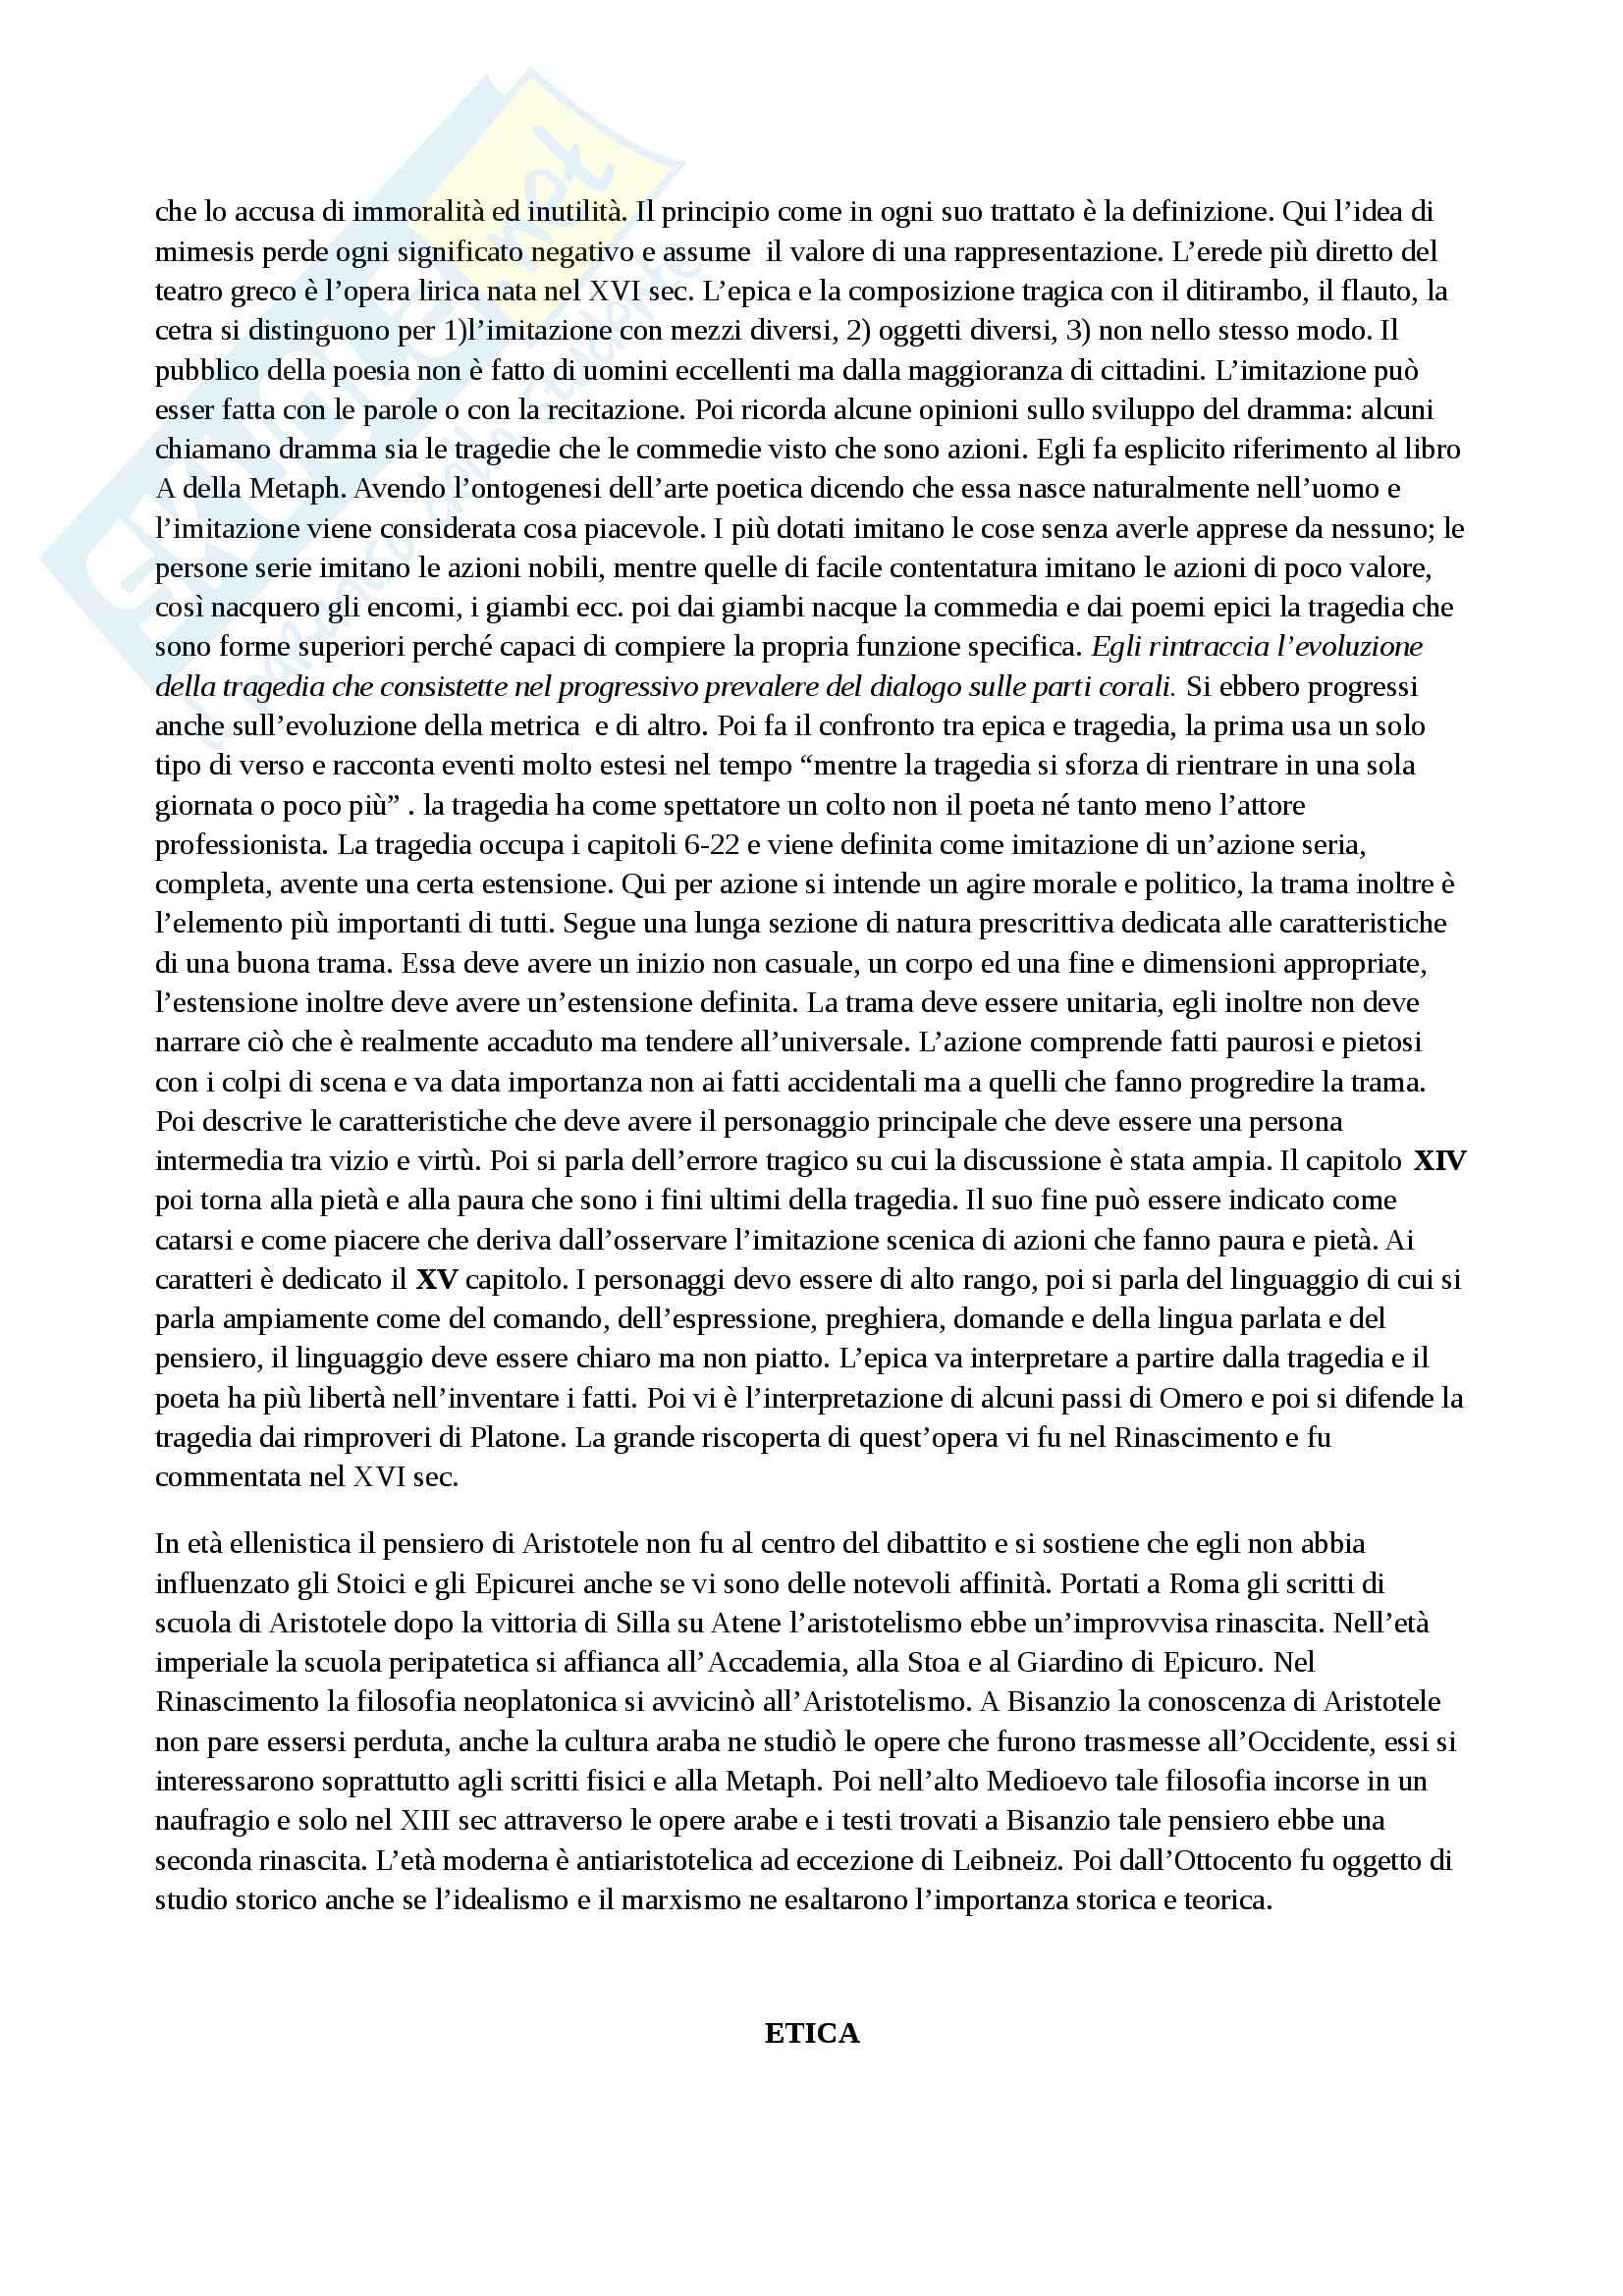 Riassunto esame storia della filosofia antica, con prof. Emidio Spinelli, libro consigliato Aristotele di Carlo Natali Pag. 16